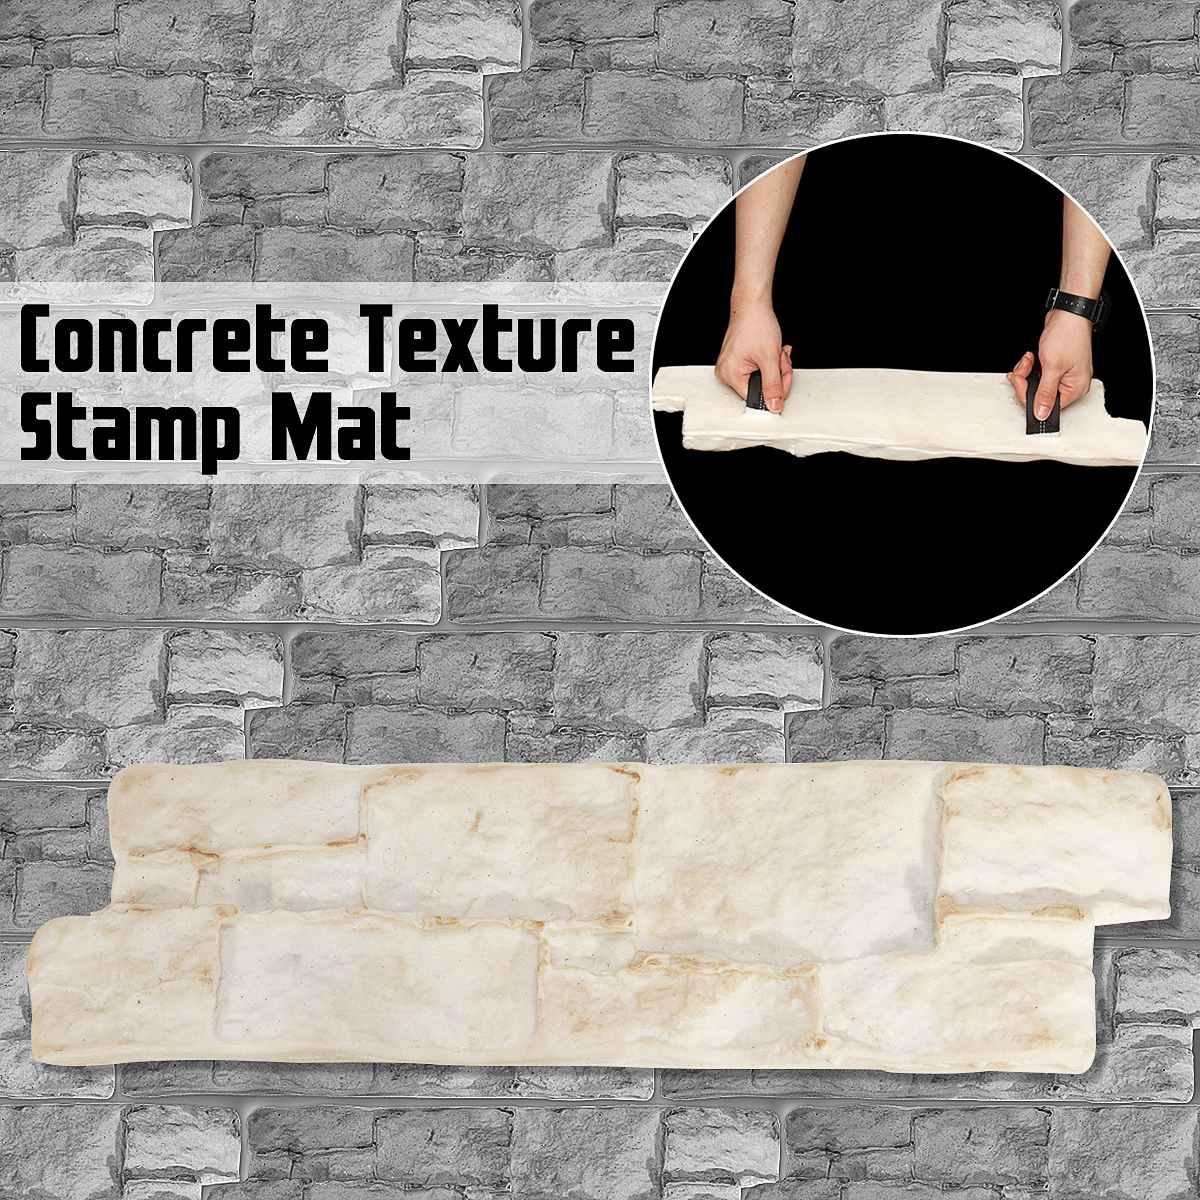 Heißer Polyurethan Formen Modell für Beton Gips Wand Stein Zement Fliesen Gummi Formen Dekorative Home Garten Boden Wand Formen